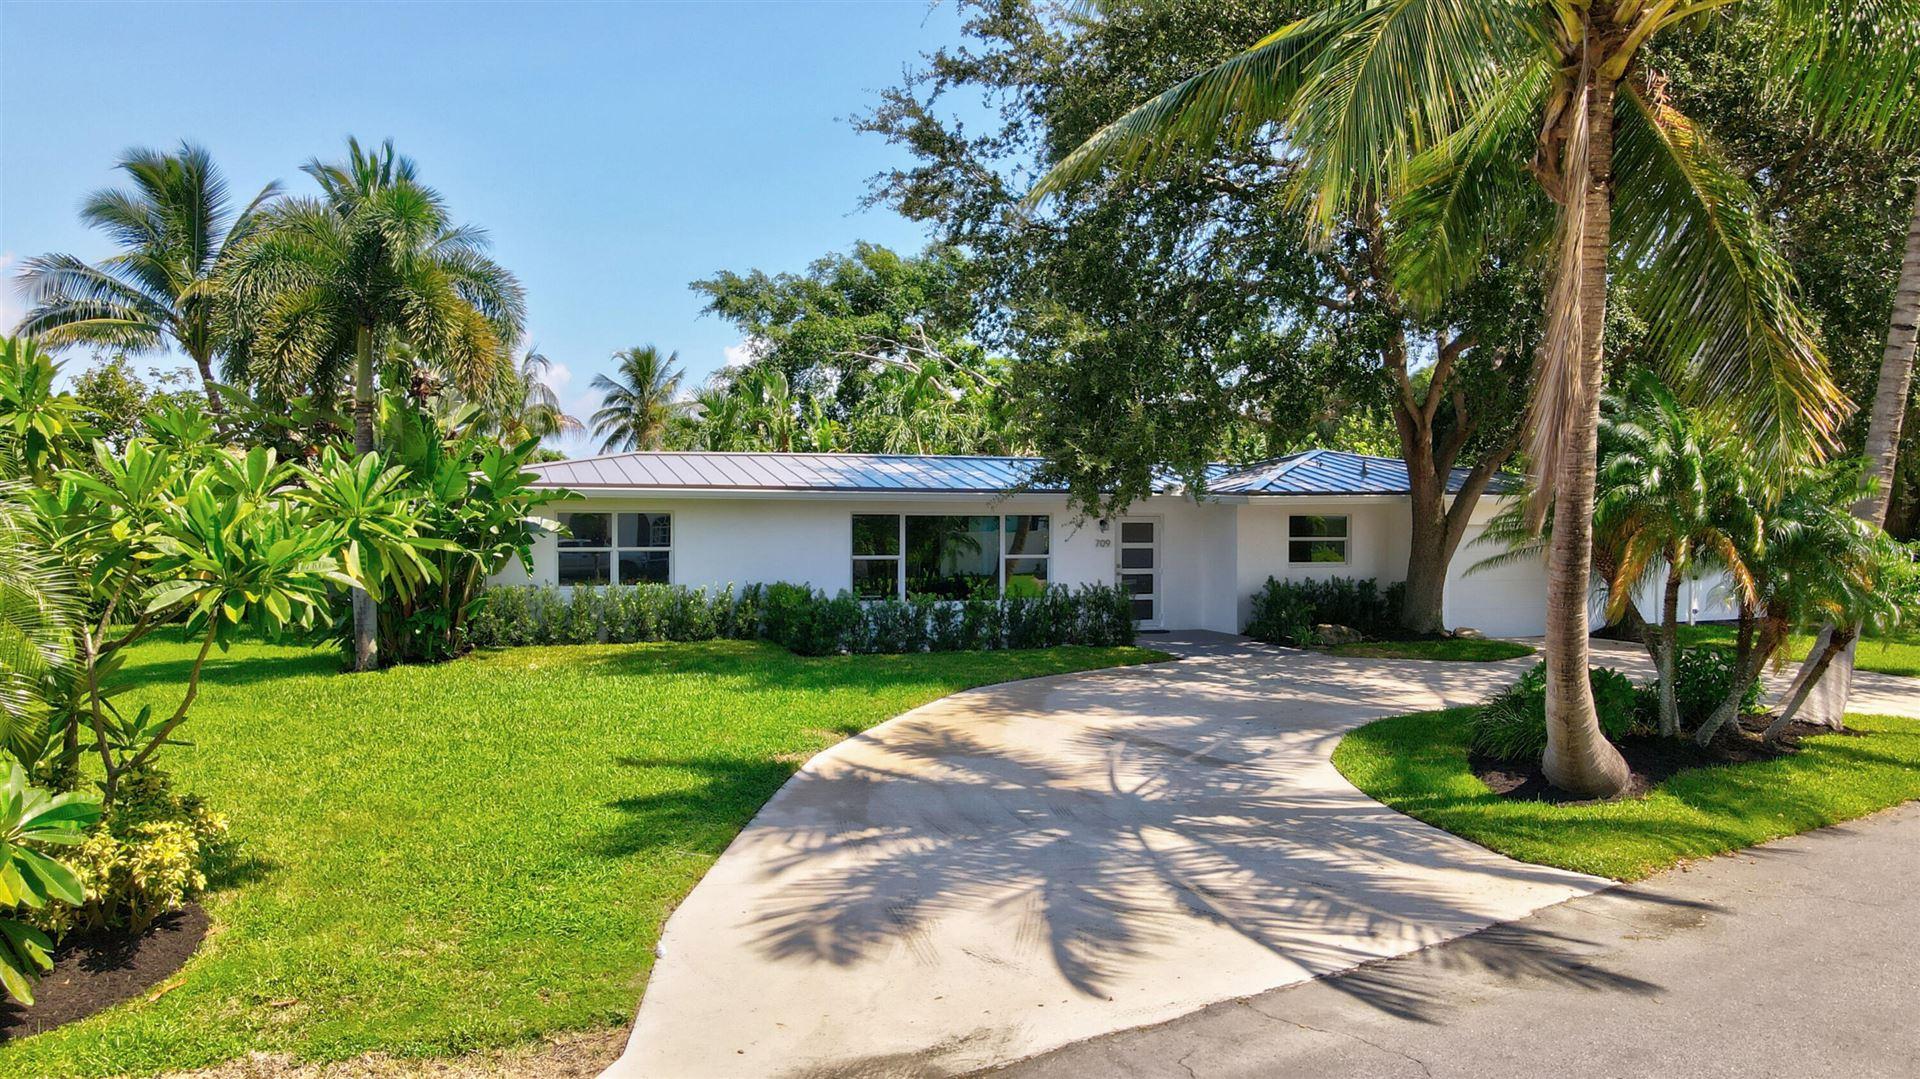 709 SW 27th Avenue, Boynton Beach, FL 33435 - MLS#: RX-10745097